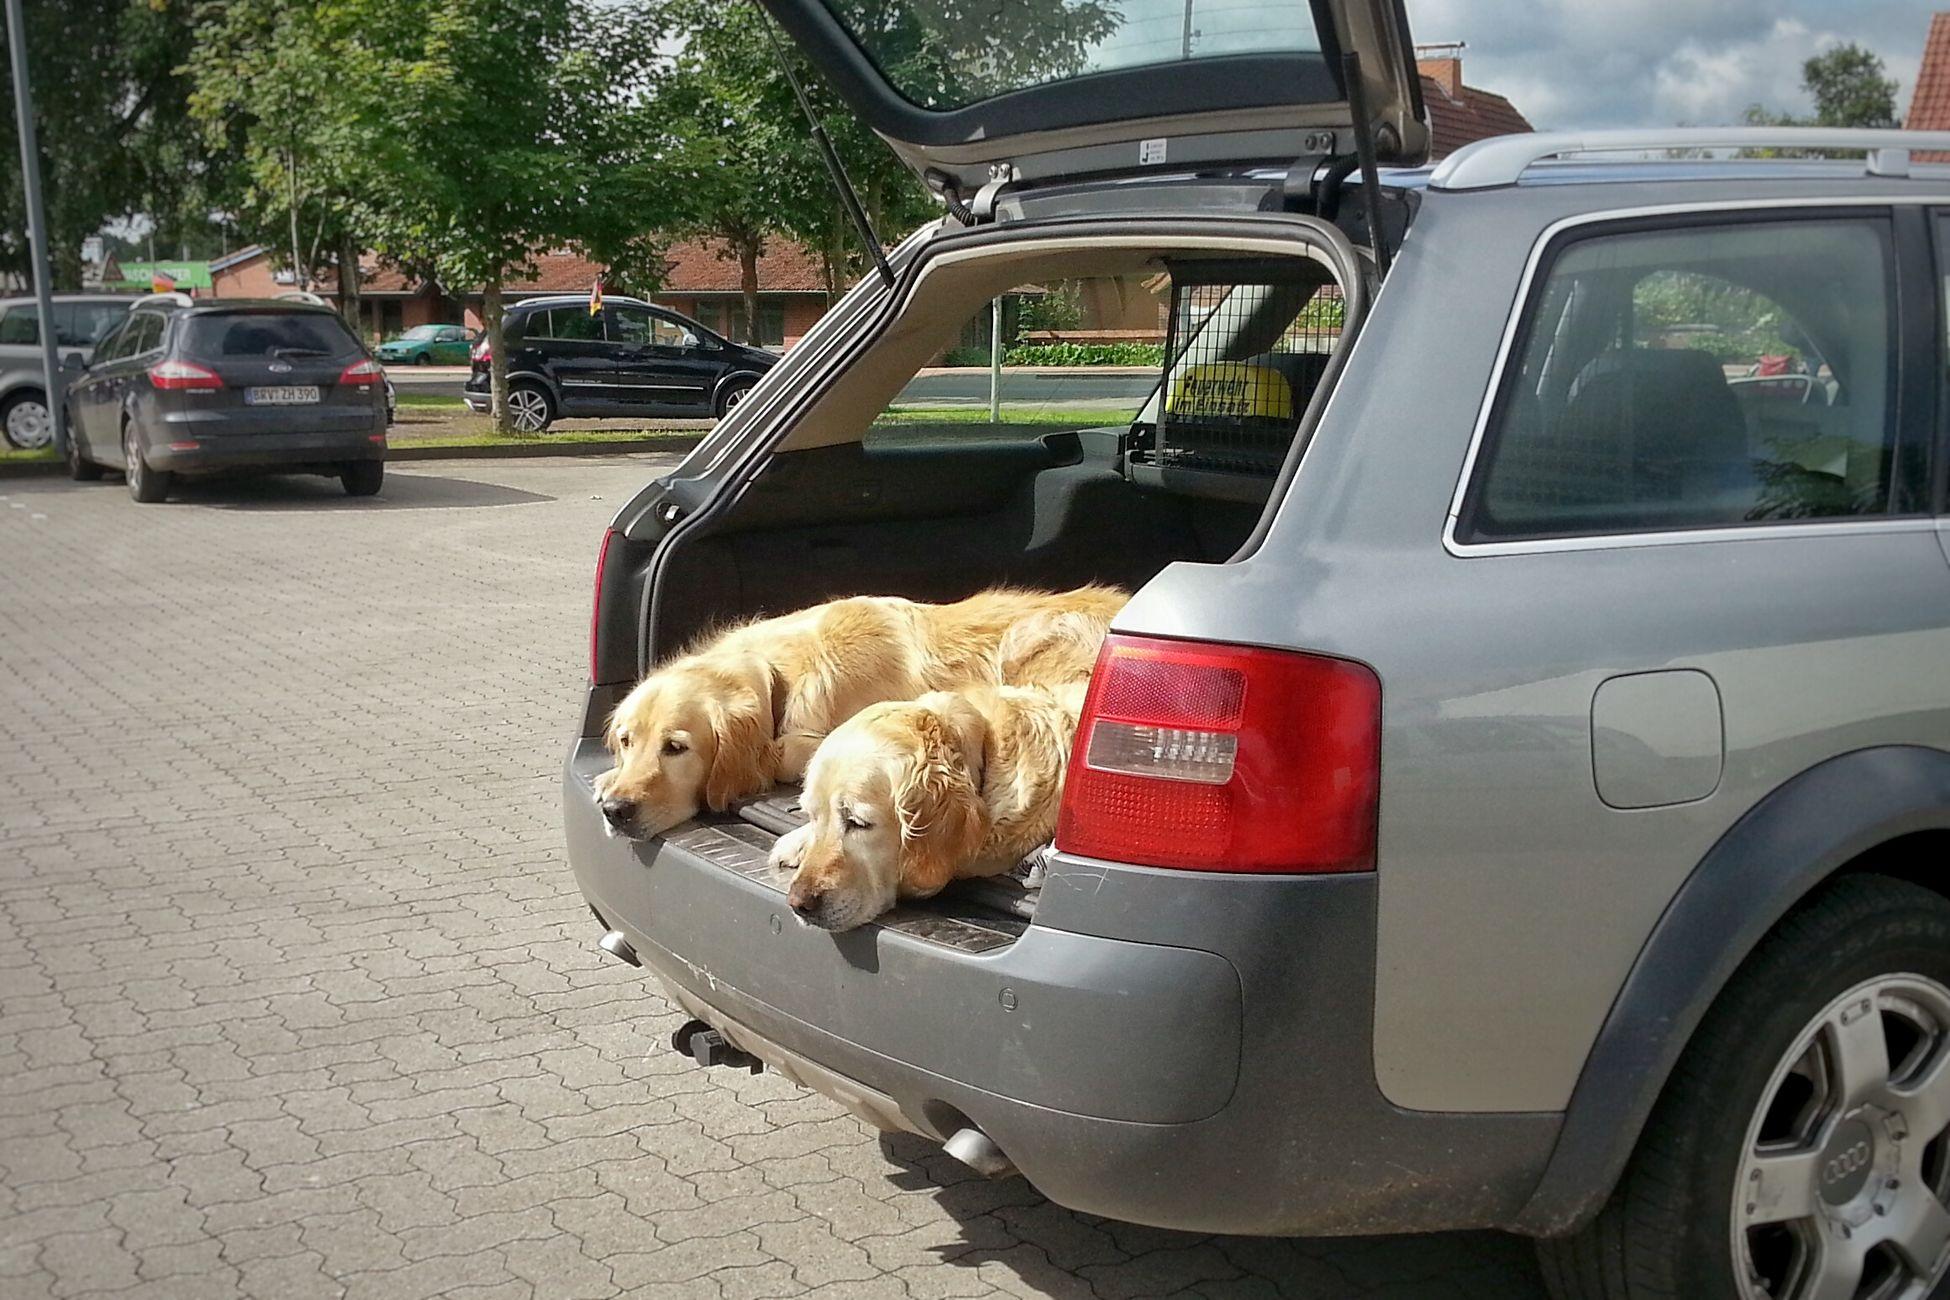 A Dogslife - Was für ein Hundeleben, So Muss Das sein. Gesehen auf einem Supermarktparkplatz in Niedersachsen.